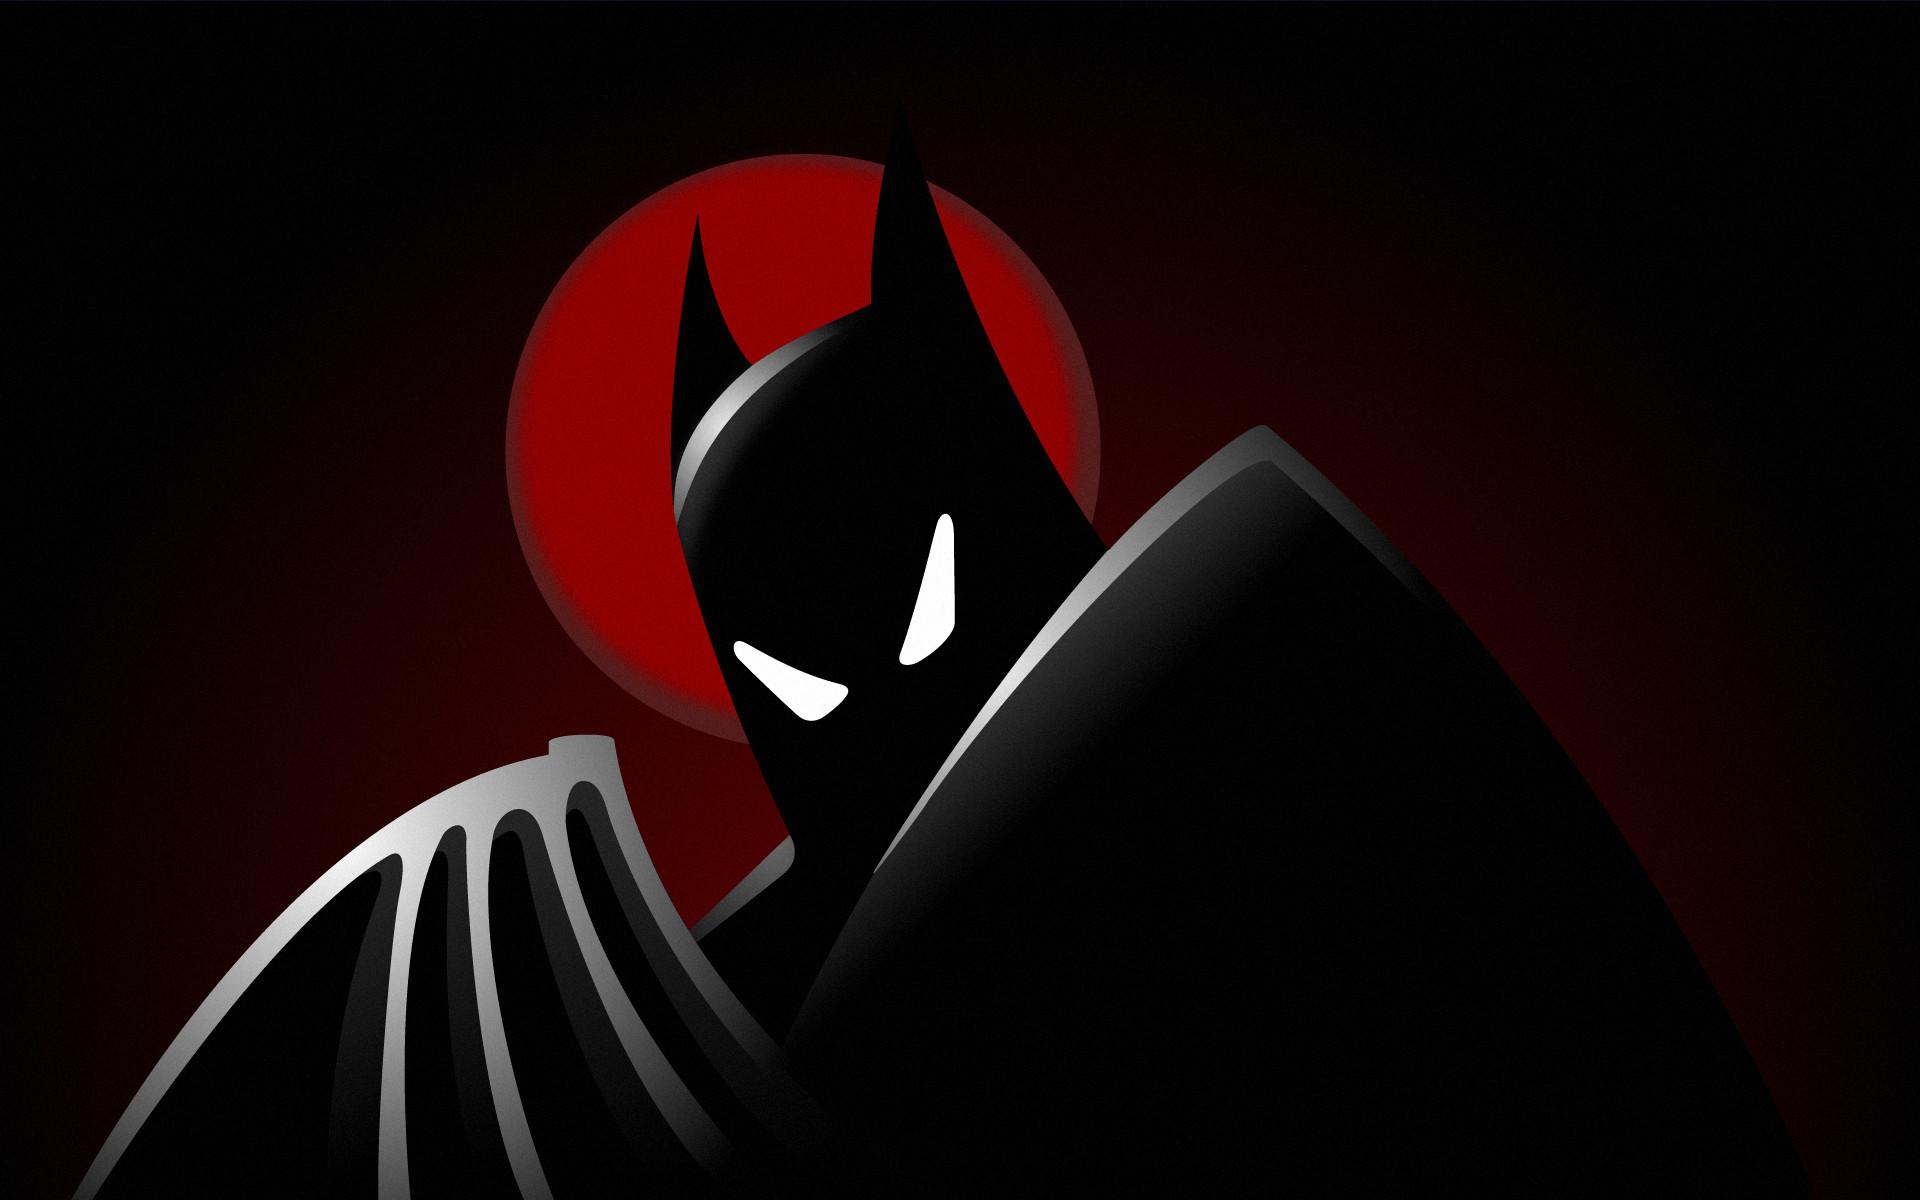 Batman DC Wallpaper Batman, DC, Comics